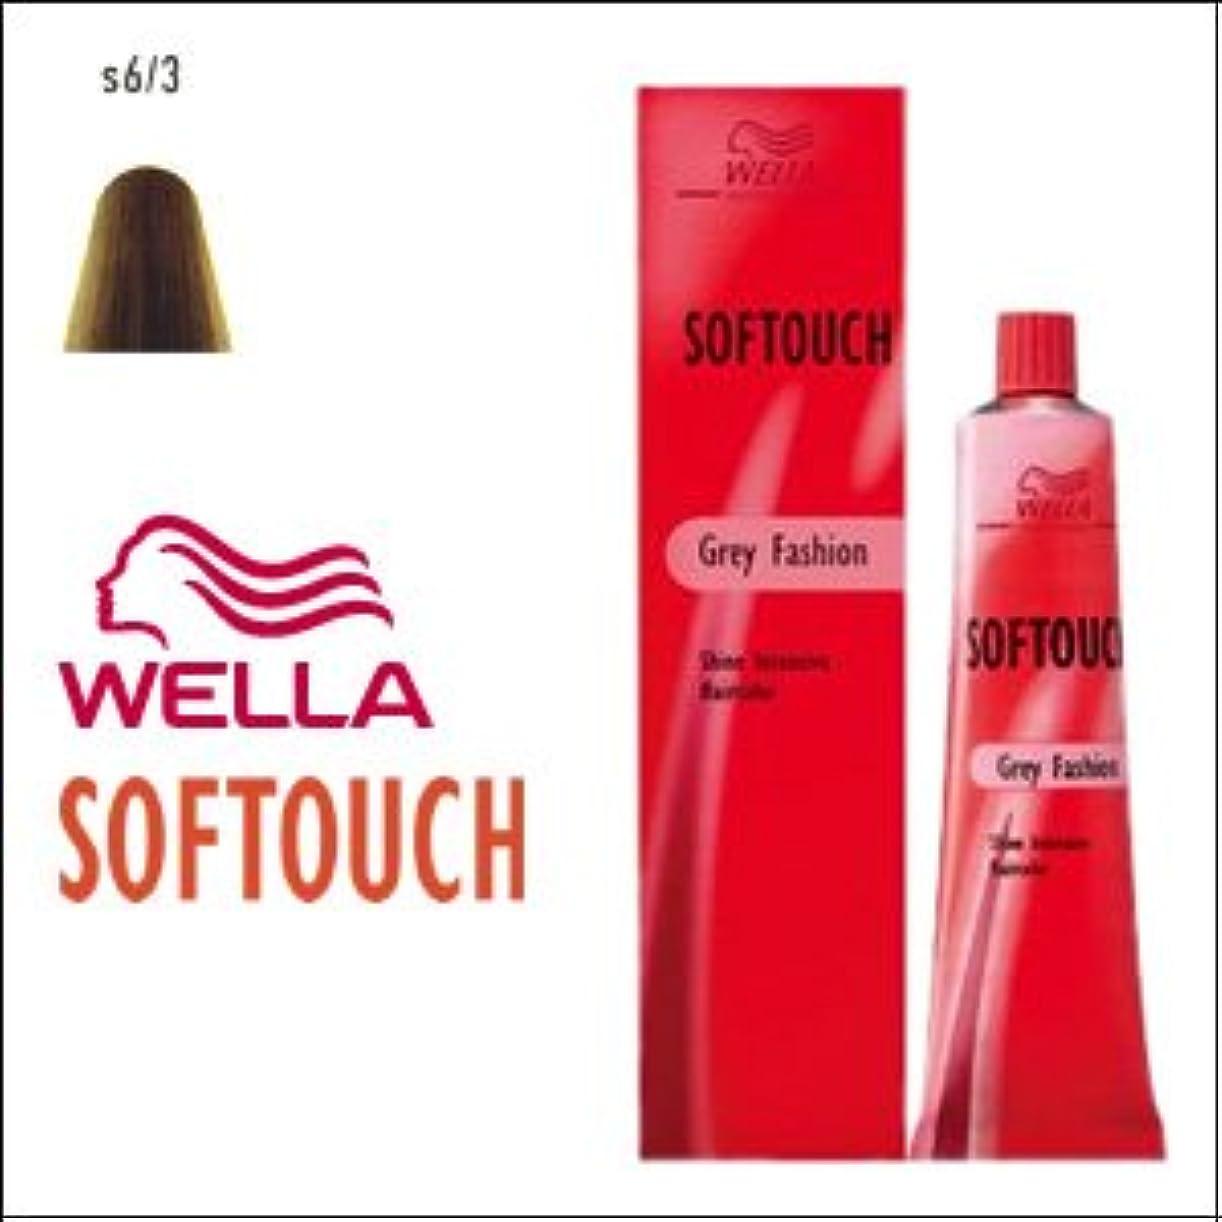 キャンセル歯科の枯渇するウエラ ヘアカラー ソフタッチ S6/3 60g